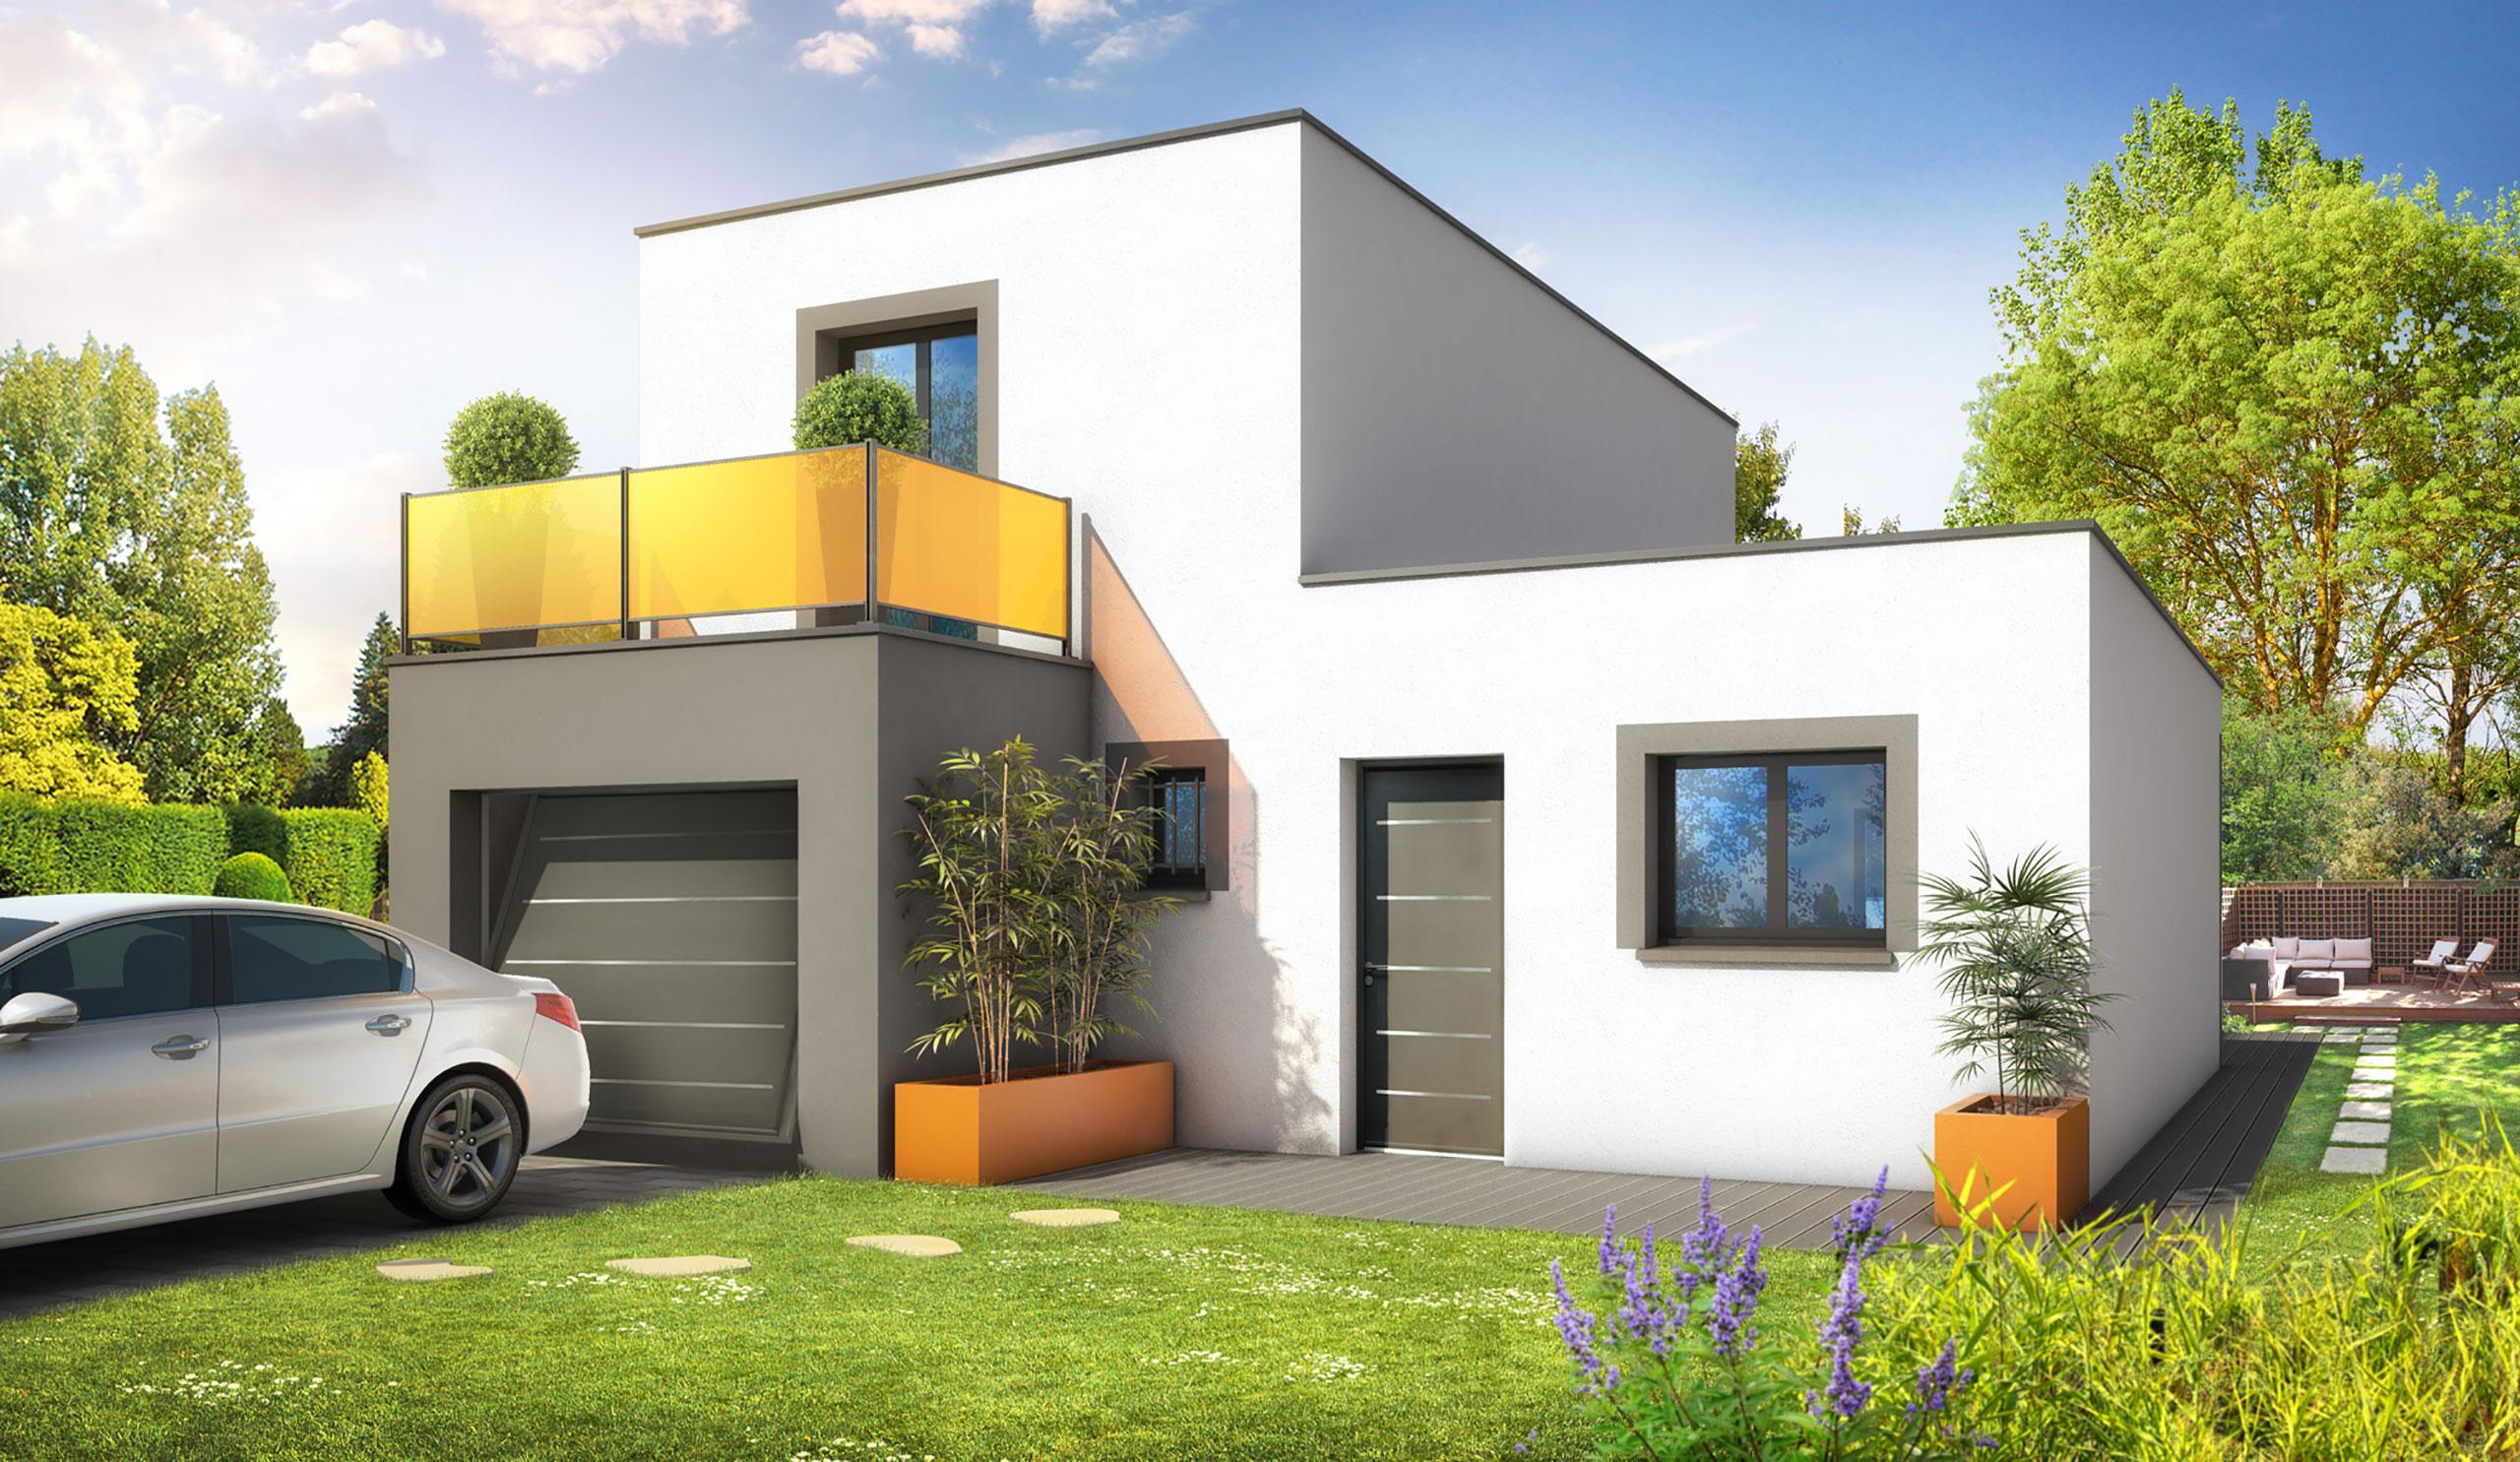 Maison 4 Pieces A Montpellier Constructeur Montpellier 34